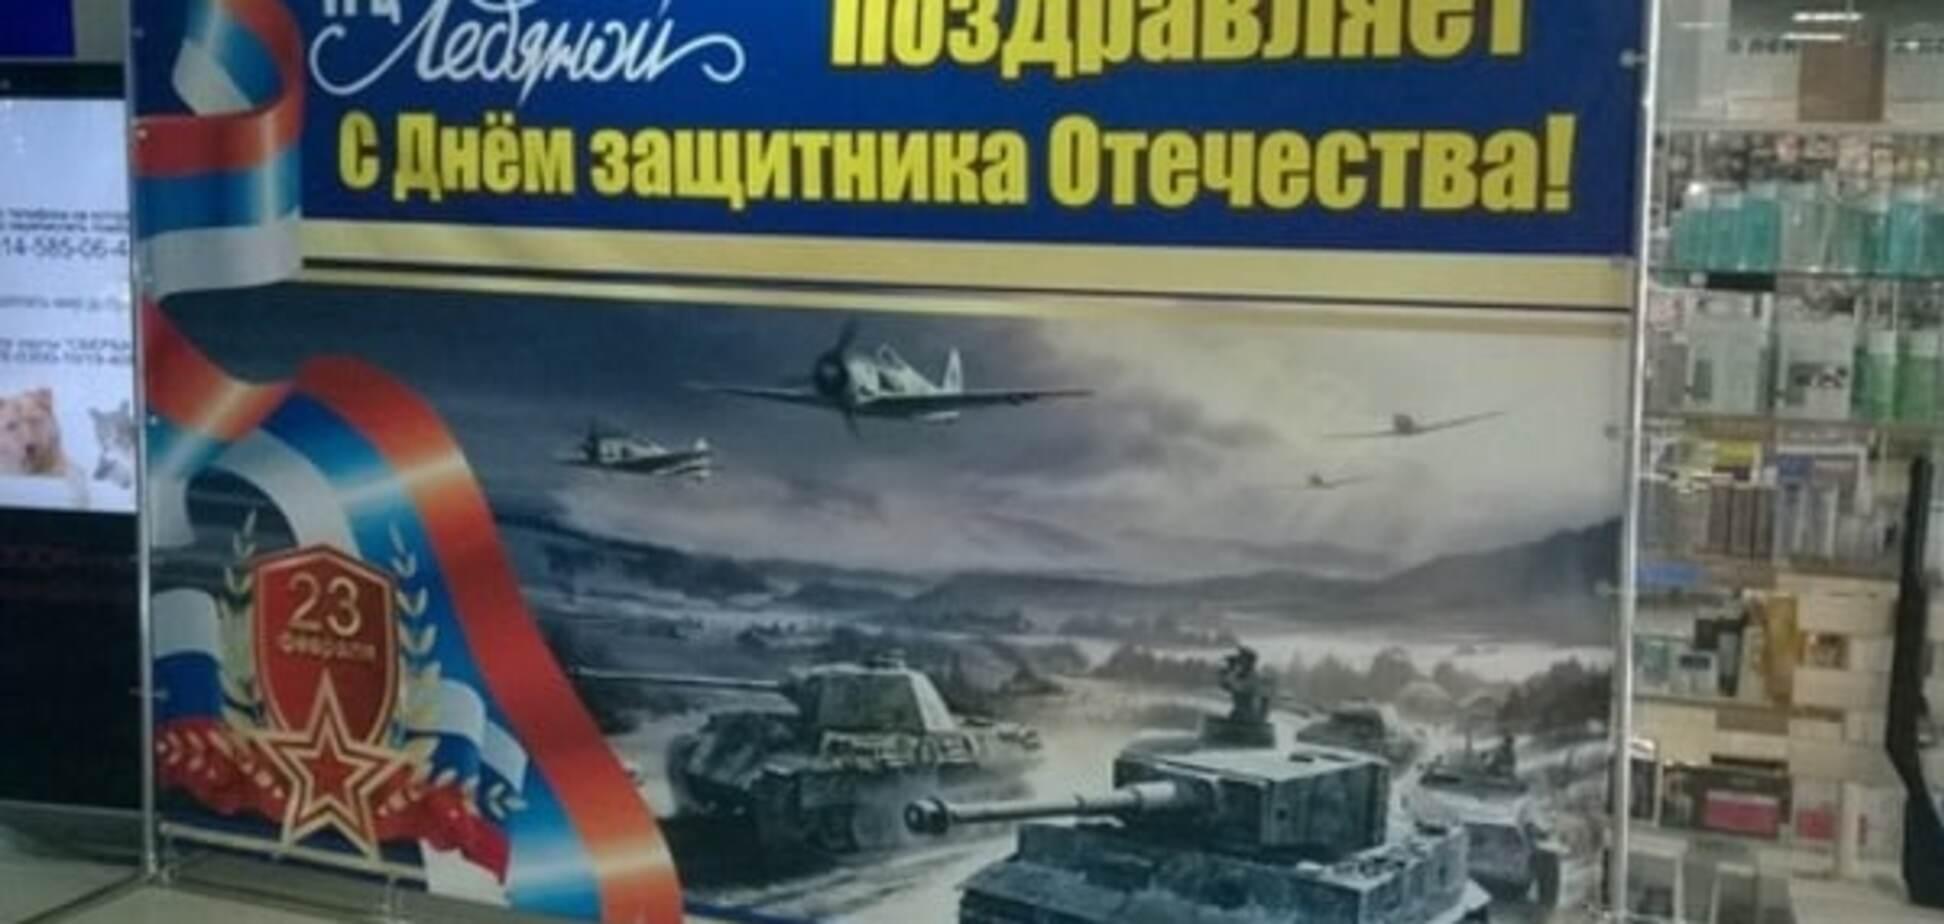 Це 'перемога': у Росії з 23 лютим вітали німецькими танками і літаками люфтваффе